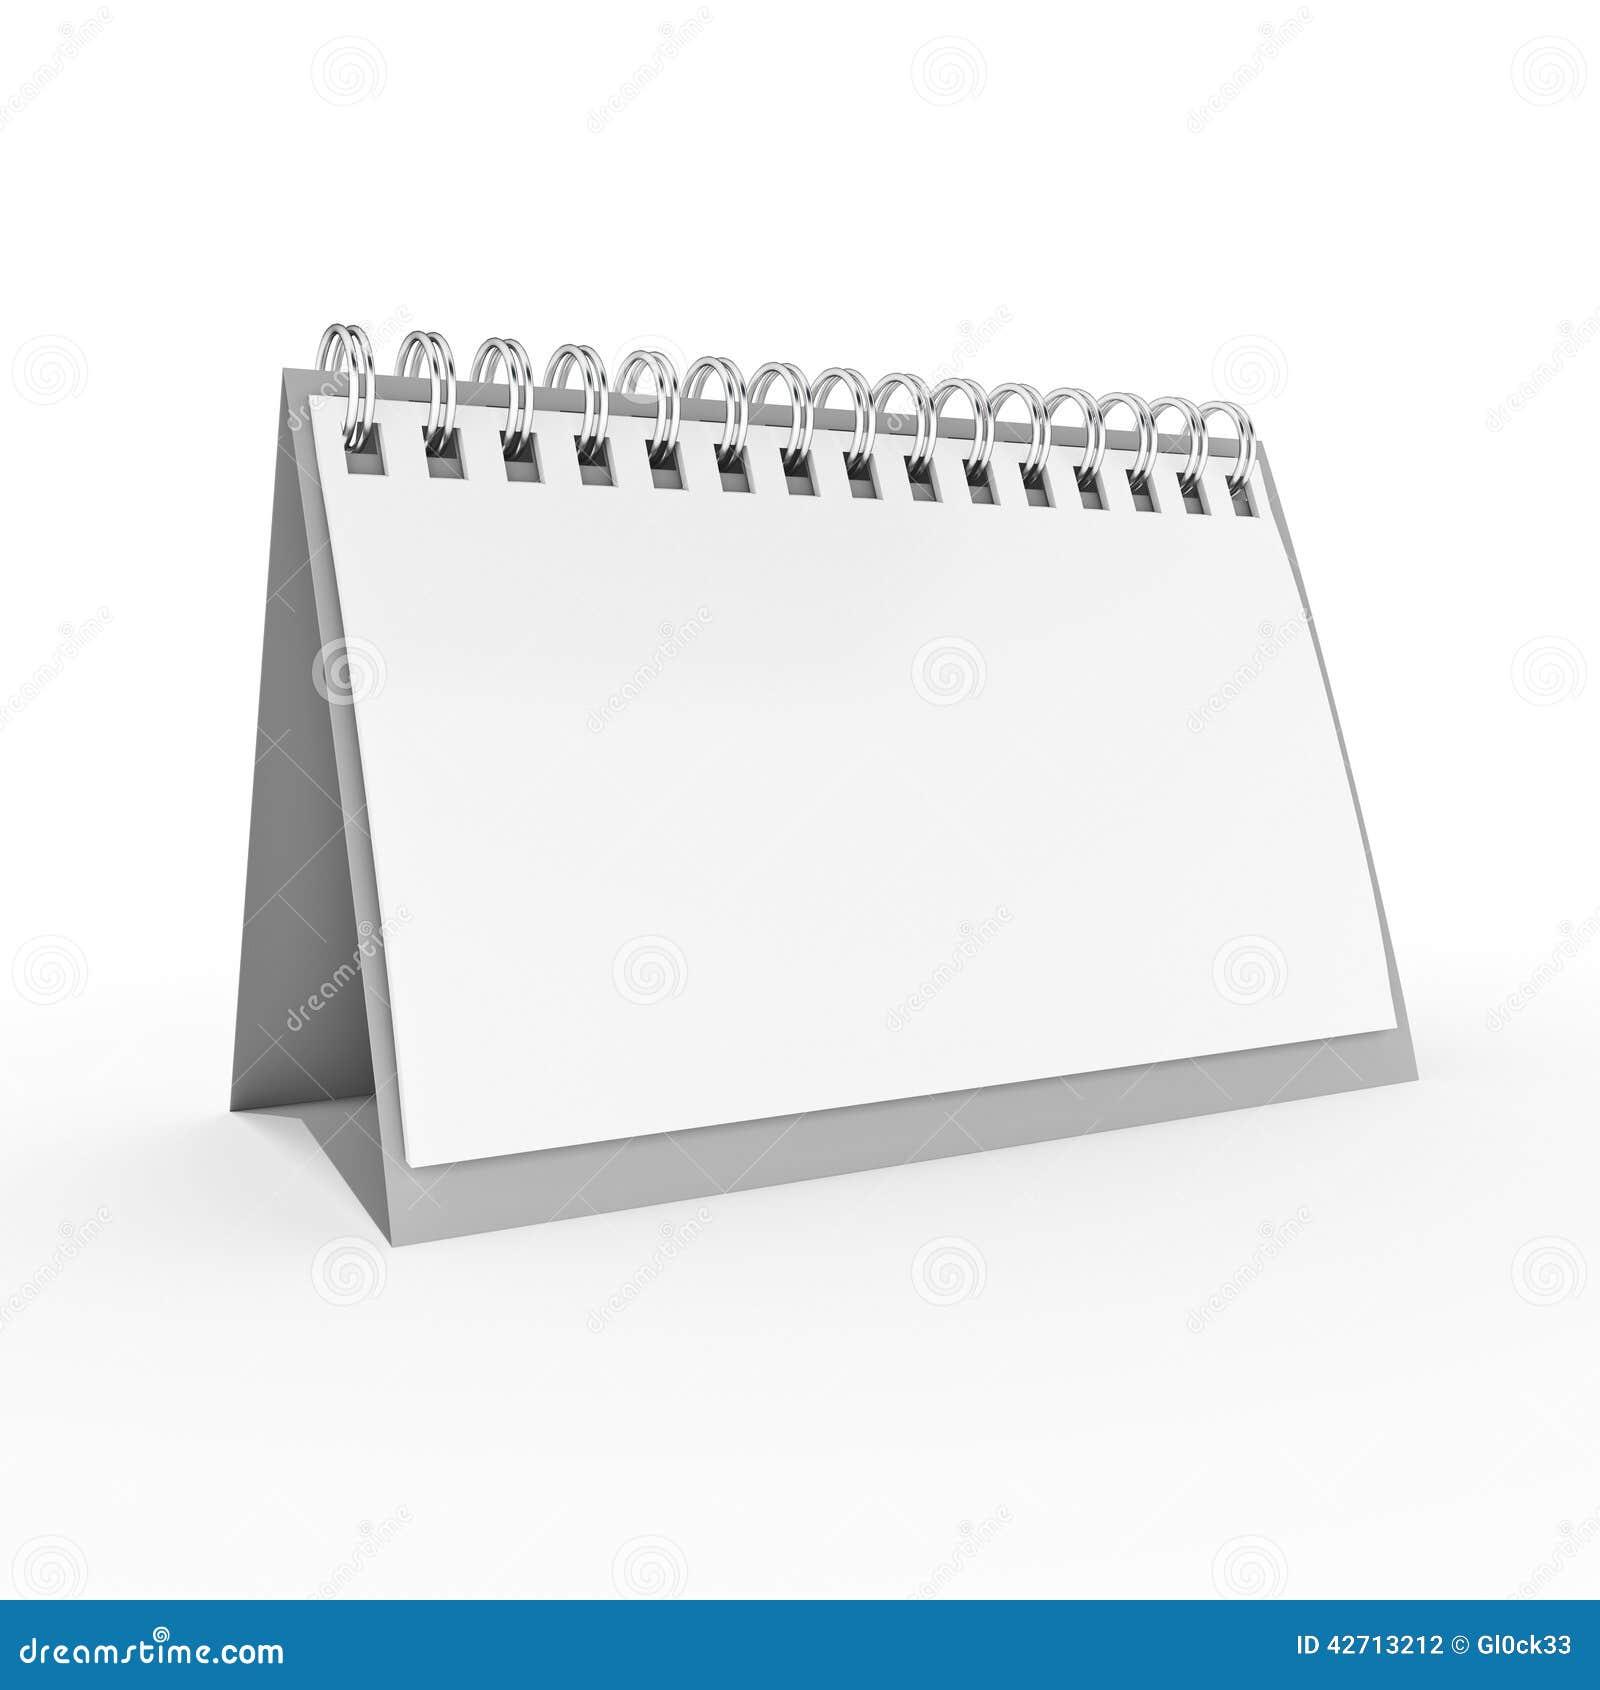 Calend rio de mesa ilustra o stock ilustra o de calender 42713212 - Calendario de mesa ...